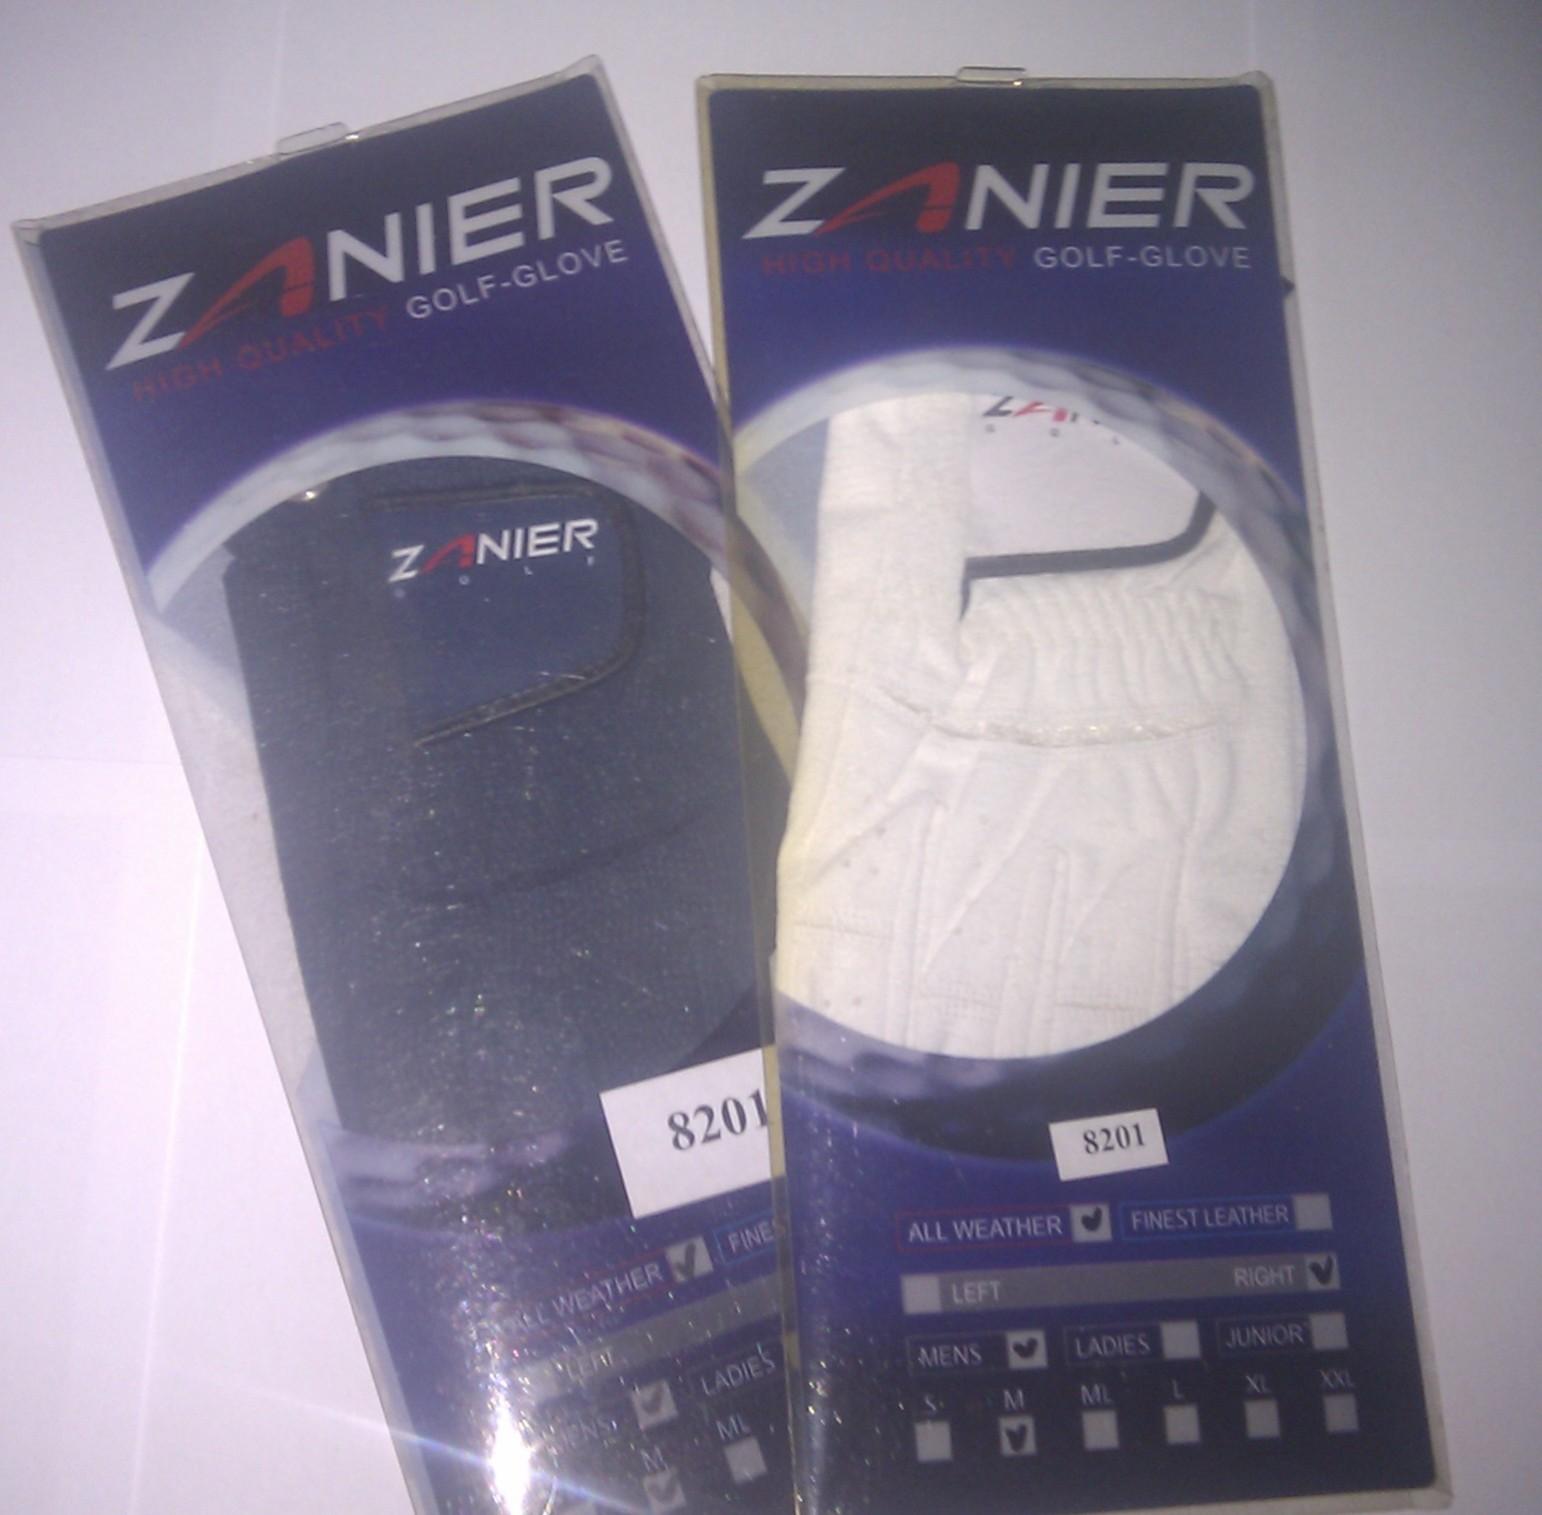 Golfová rukavice Zanier Hrací strana: RH (rukavice na levou ruku), Velikost: L, Pohlaví: Žena